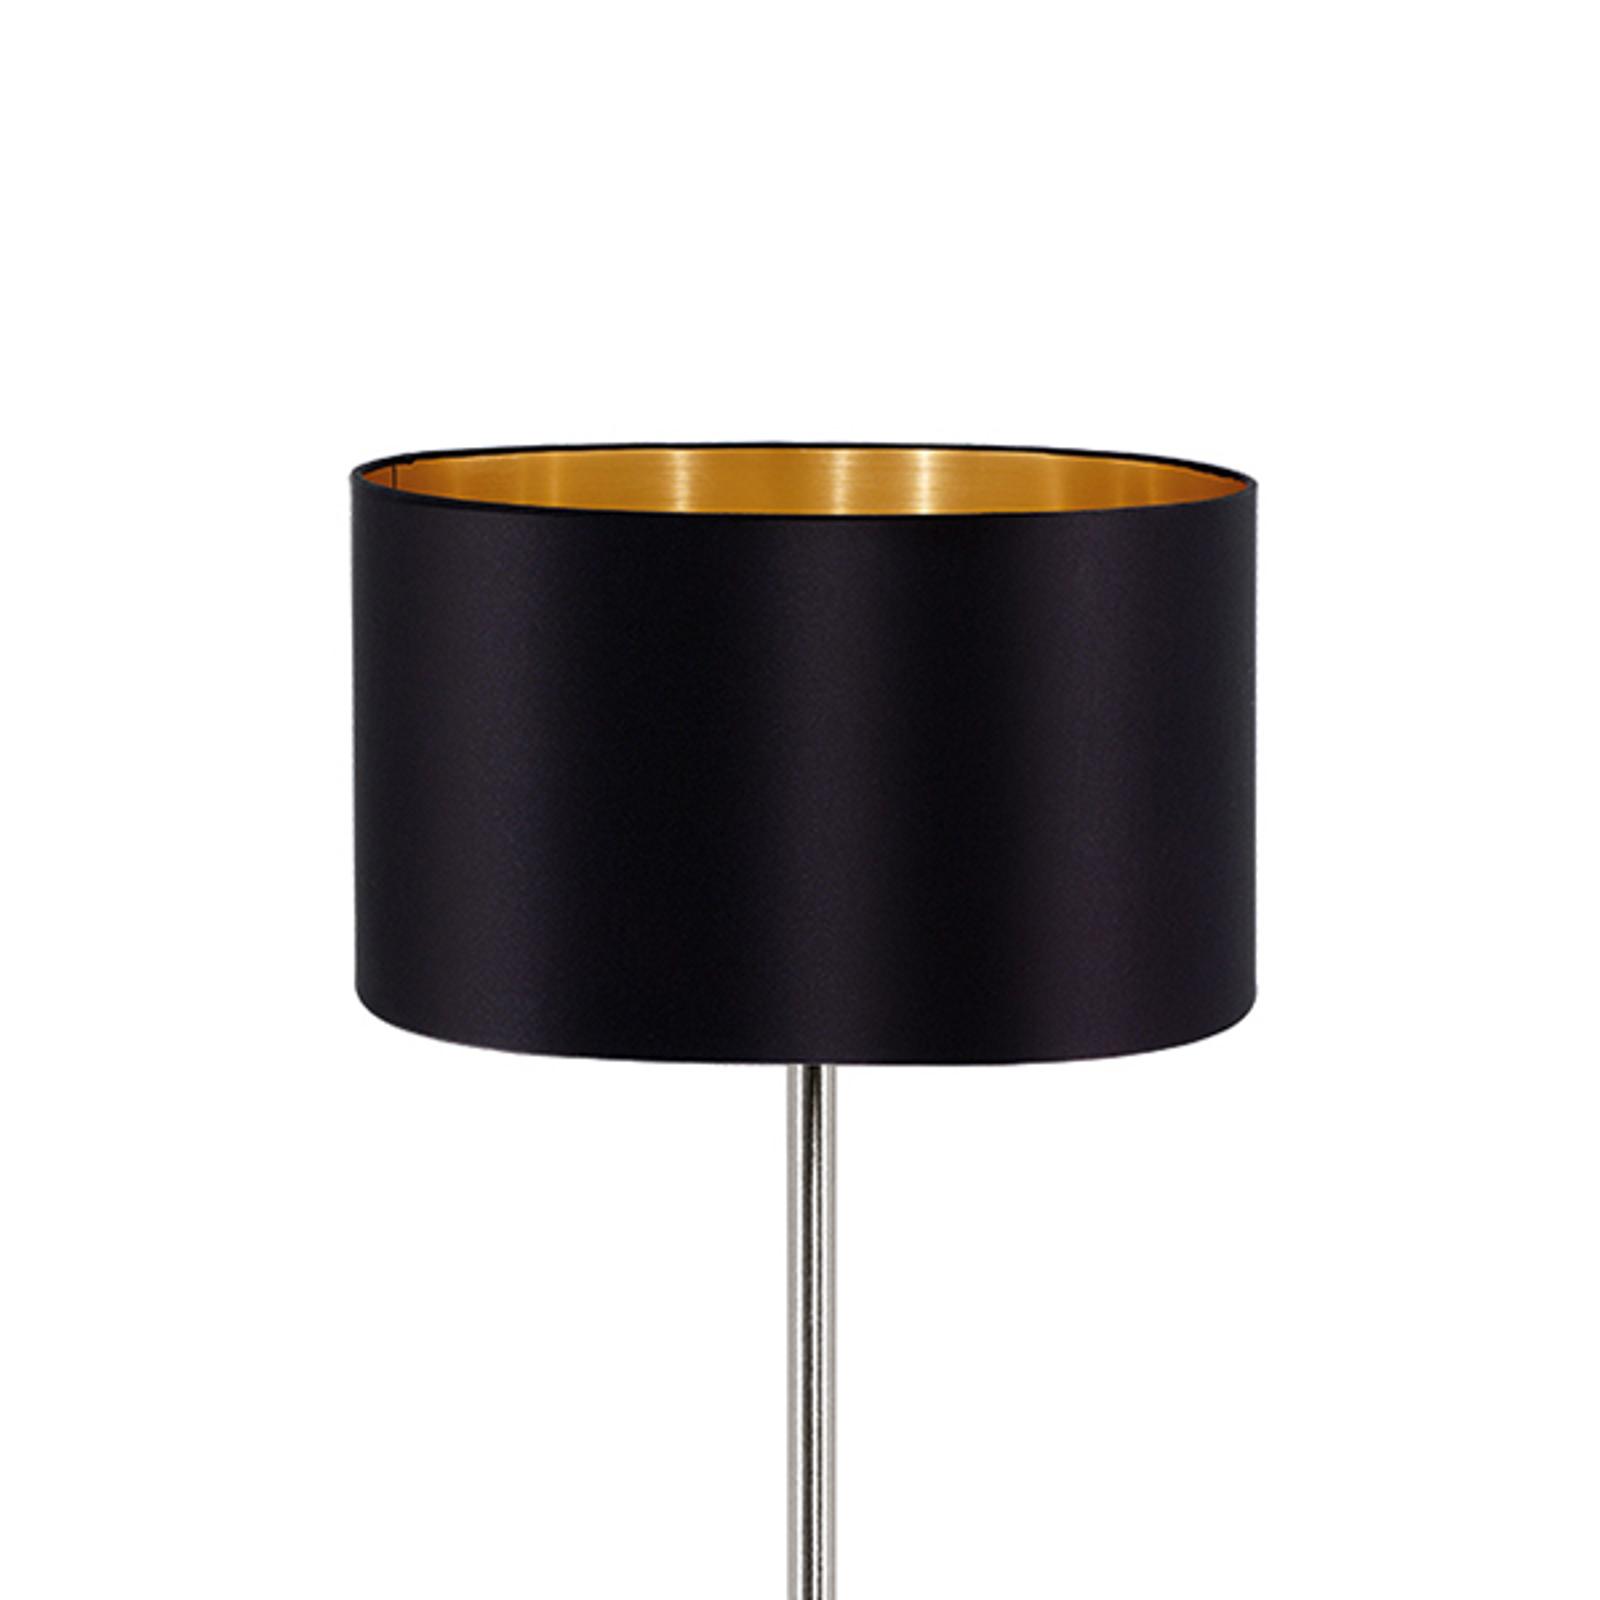 Ušlechtilá stojací lampa Maserlo, textil